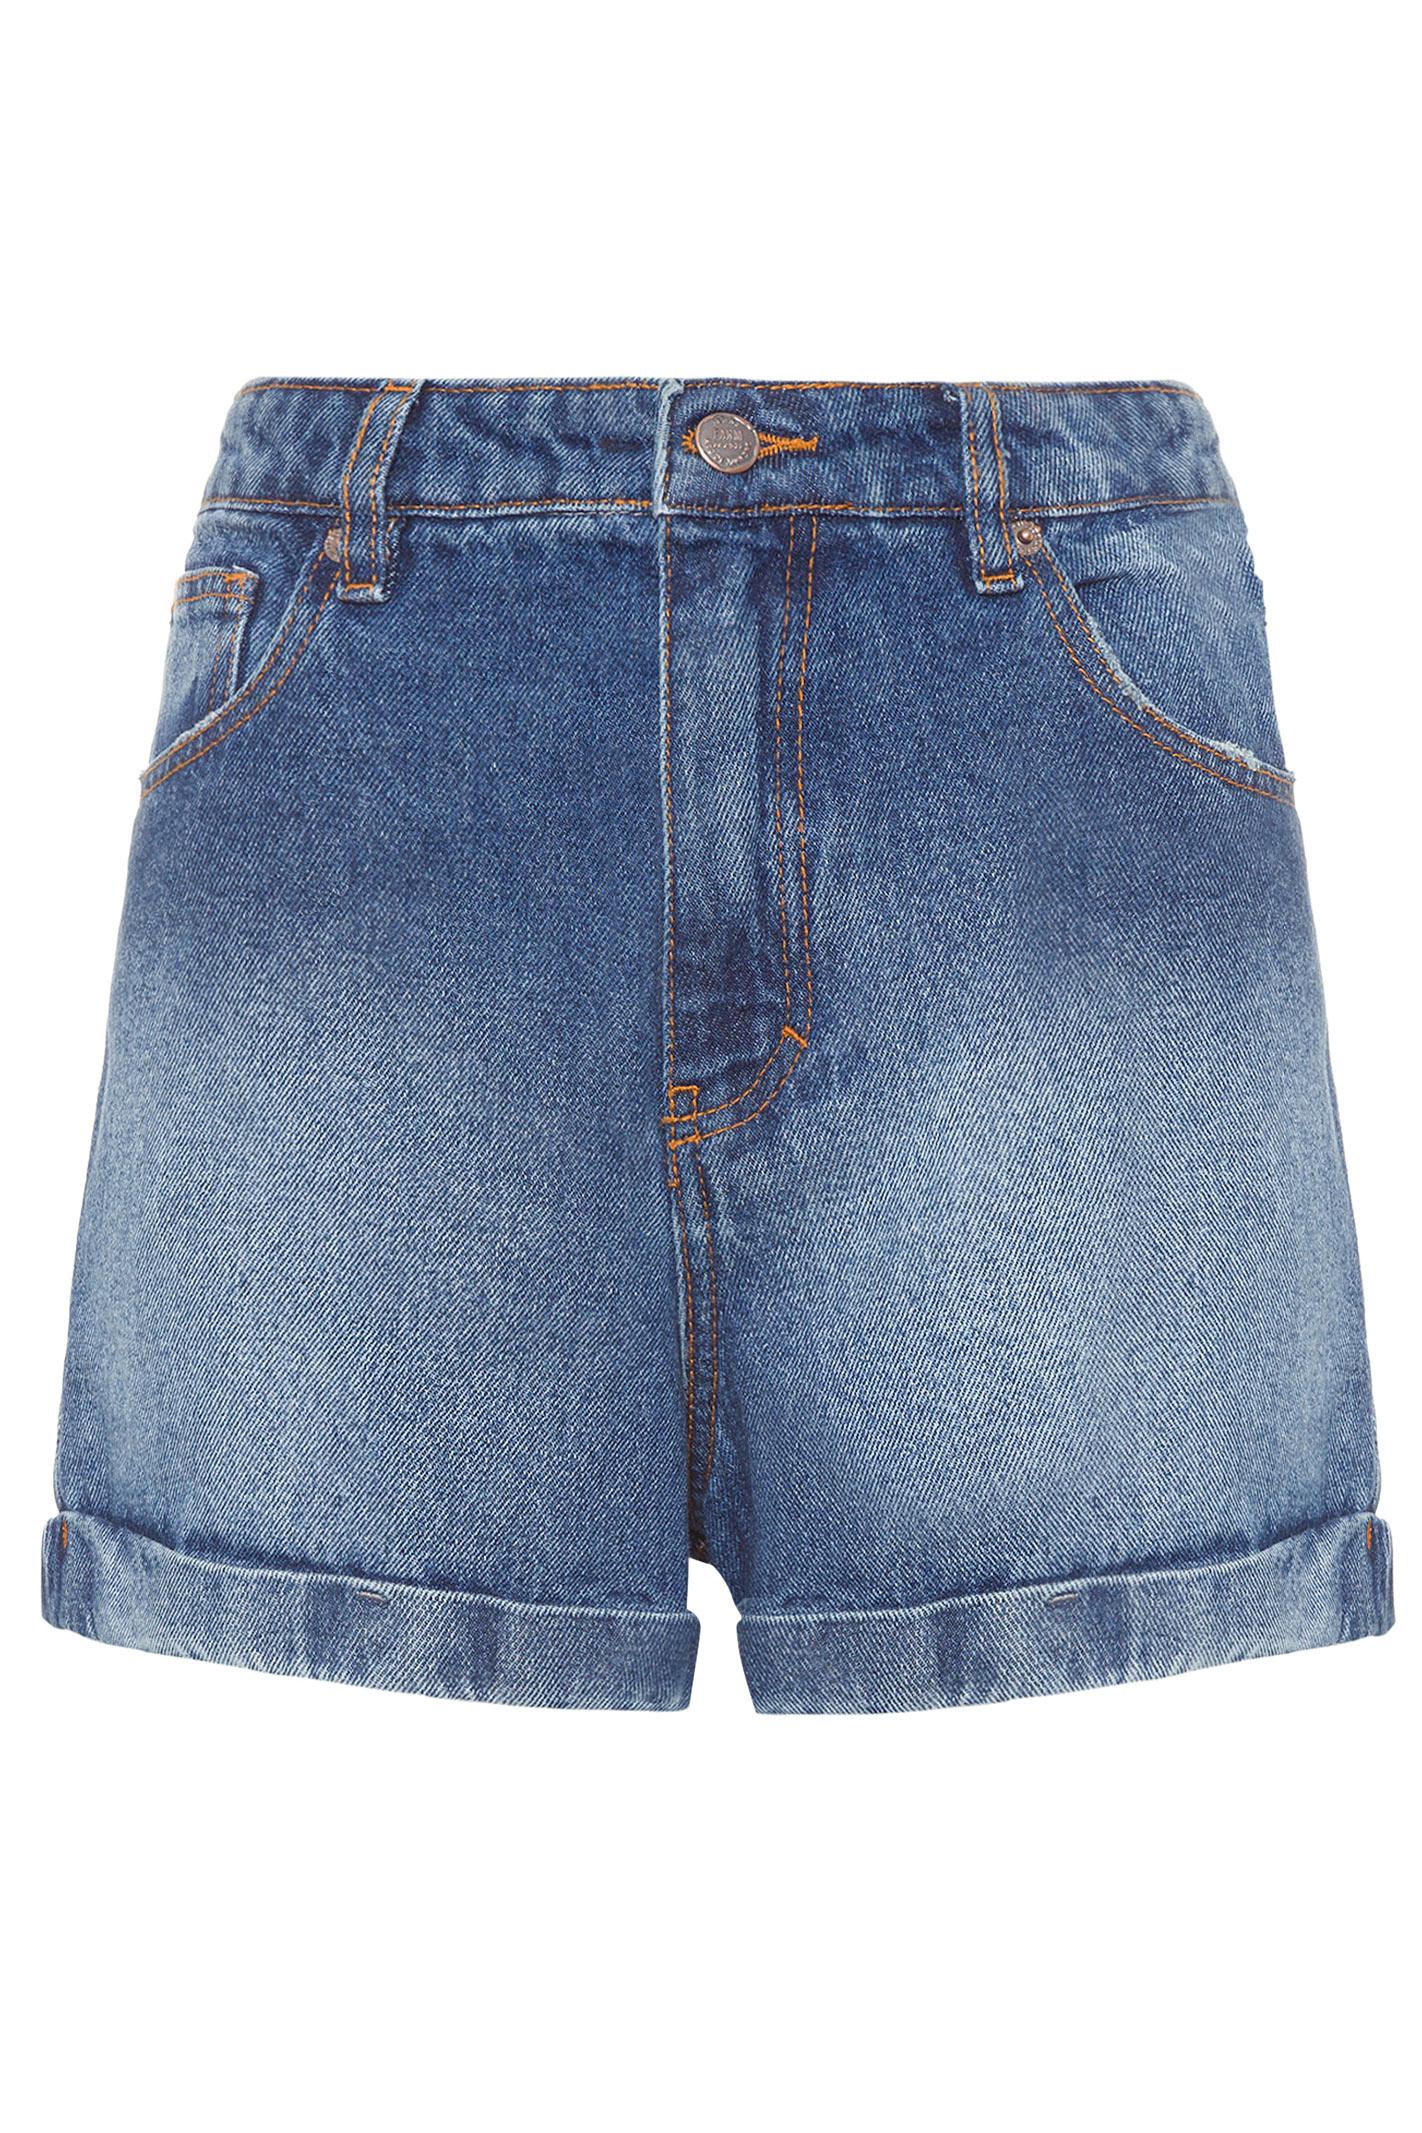 Short Jeans Alto Barra Dobrada